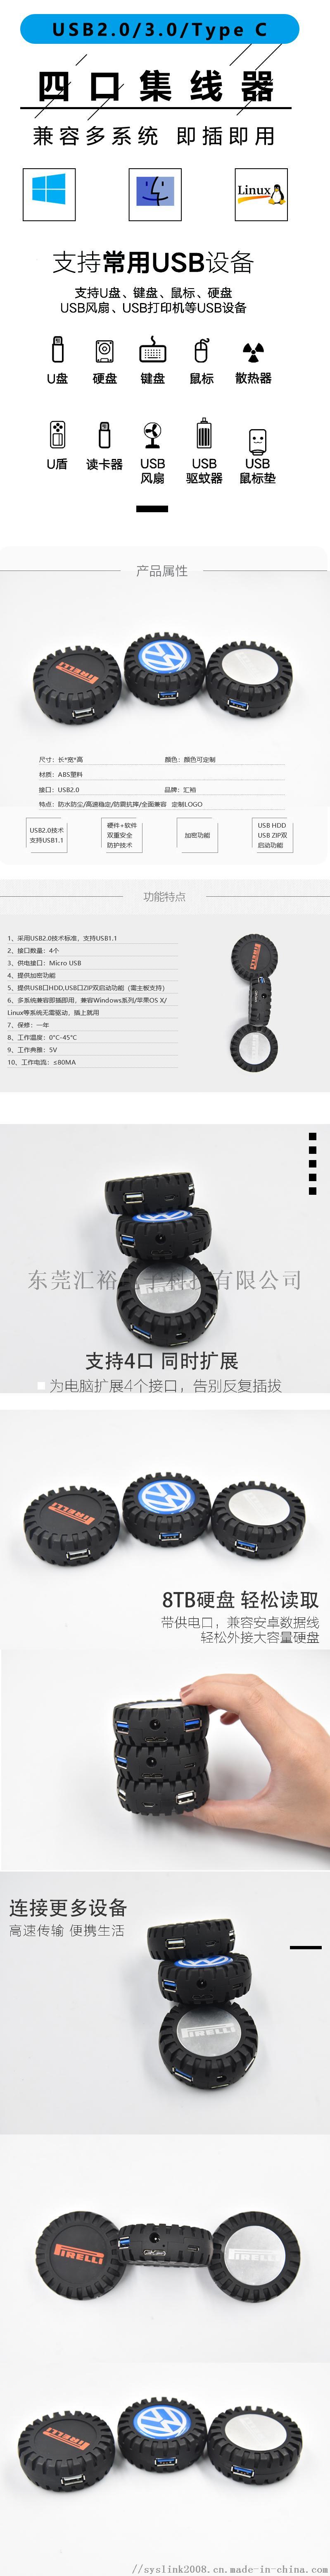 輪胎集線器功能特點詳情頁.jpg